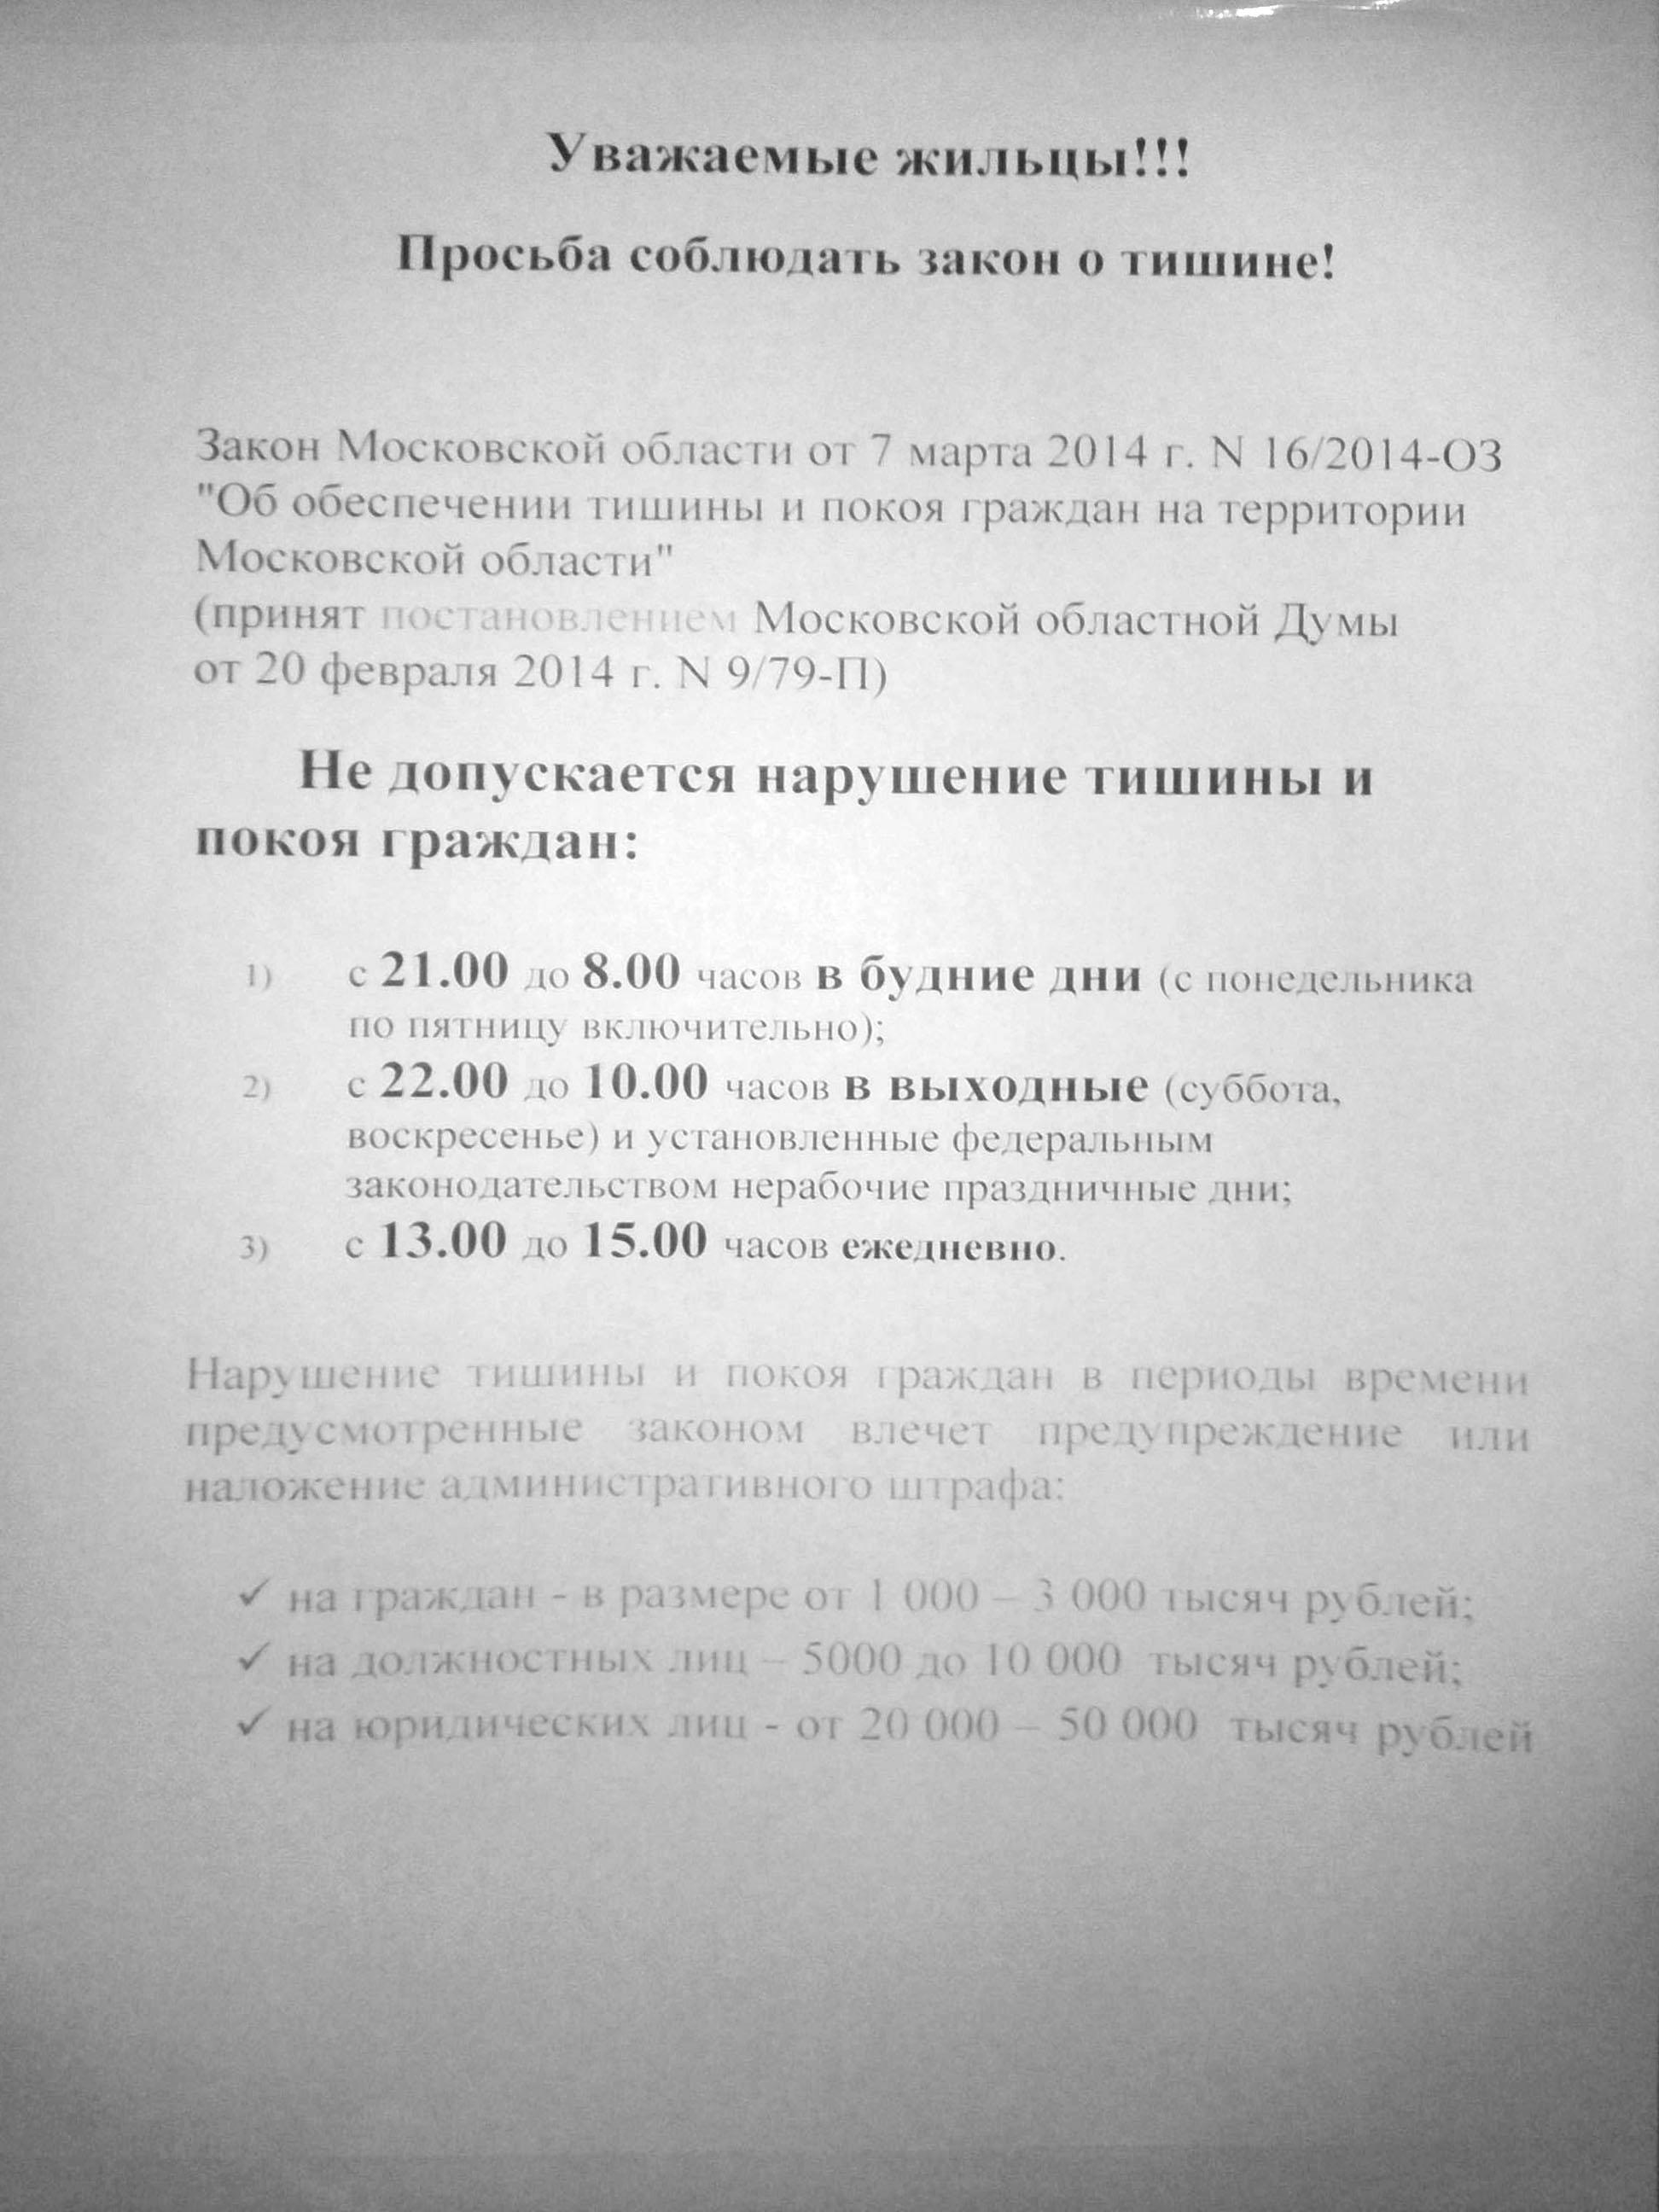 Новый закон о тишине в московской области с 2018 года